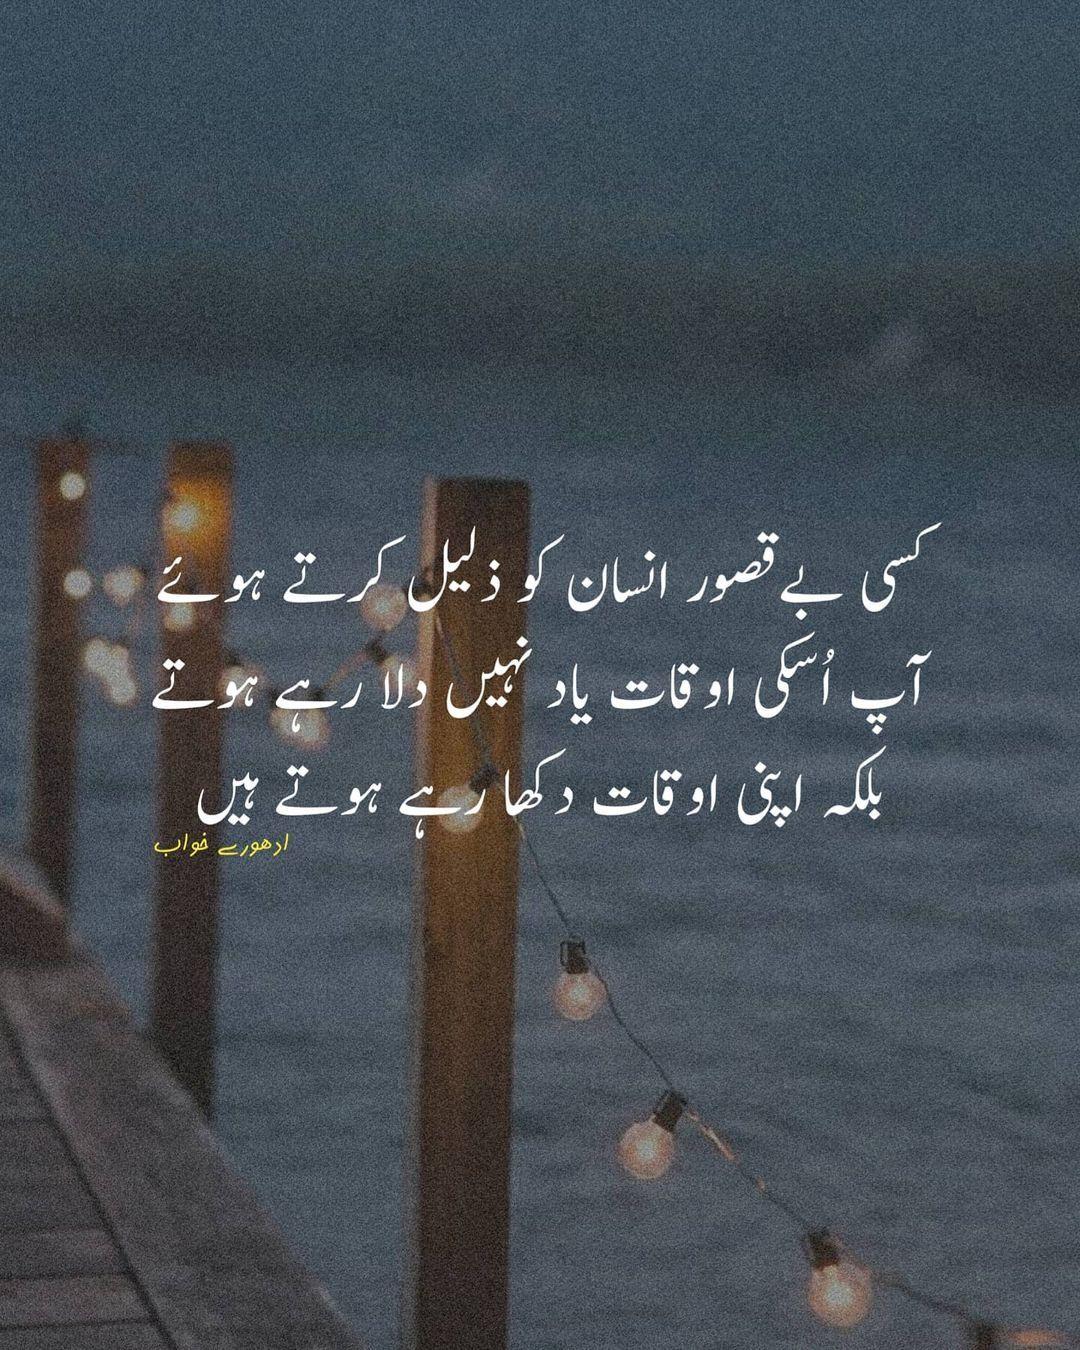 Adhoore Khuwab Posted On Their Instagram Profile Kisi Bekasoor Insan Ko Zaleel Karte Huwe Ap Us Ki Aukat Yaad Na Chalkboard Quote Art Art Quotes Urdu Poetry